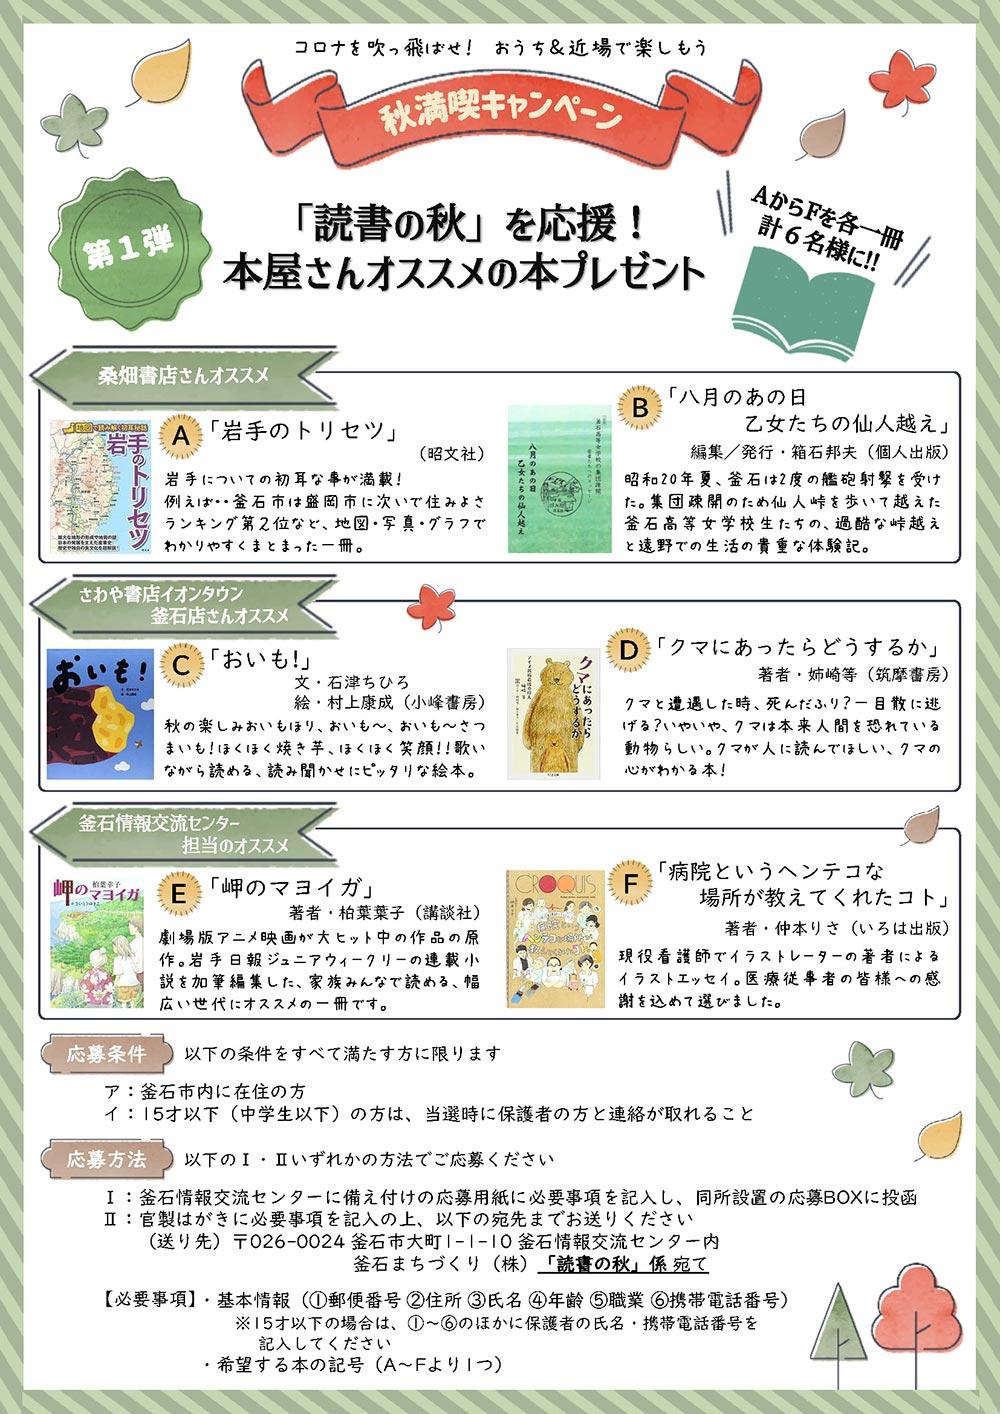 【第1弾】『読書の秋』を応援! 本屋さんオススメの本プレゼント